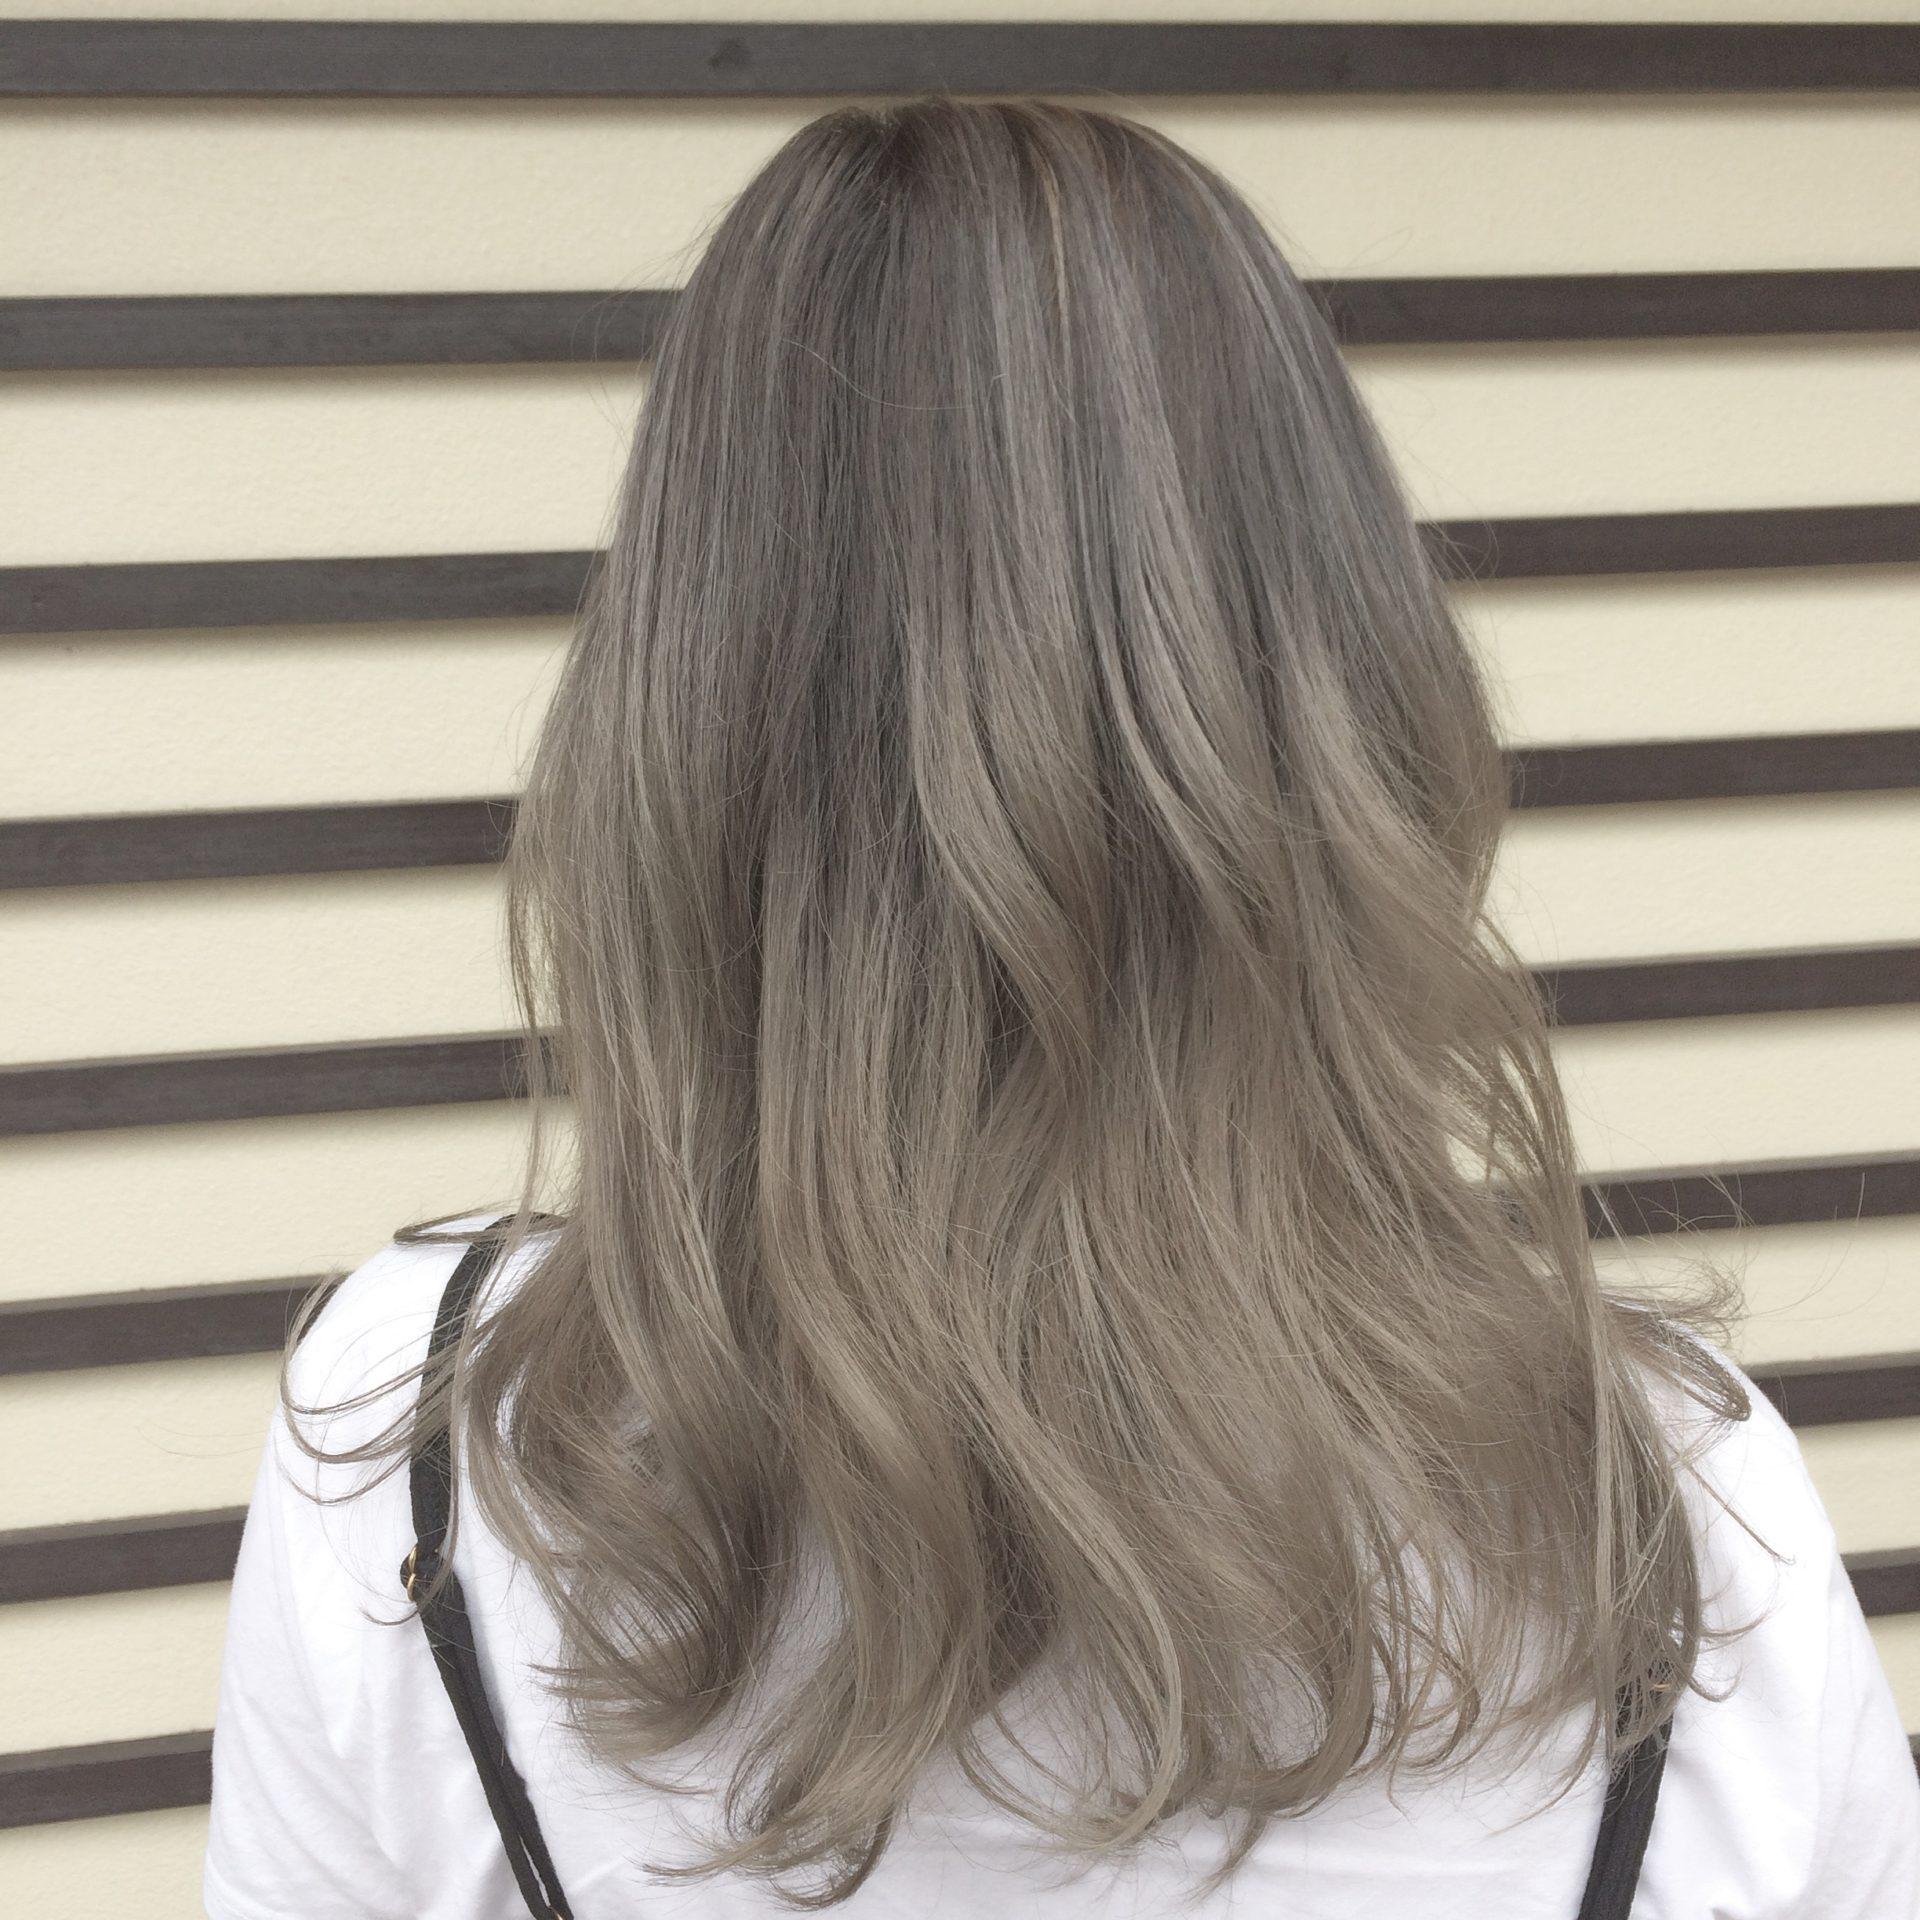 カラー ハイトーン 春にやりたい♡長さ・色別ハイトーンヘアカラー30選|feely(フィーリー)